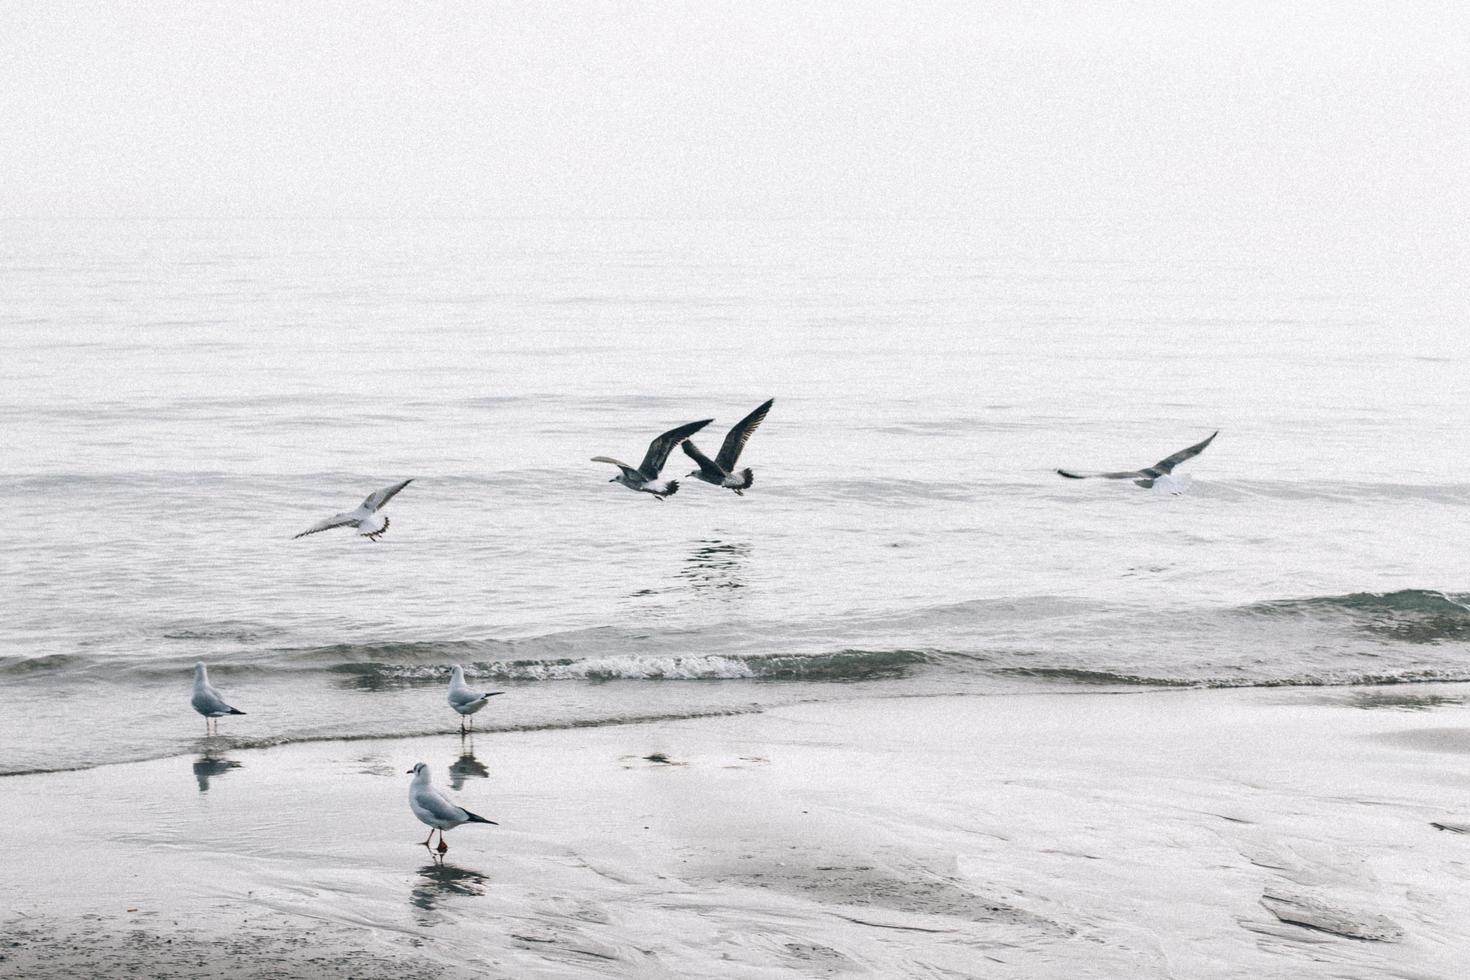 les mouettes volent au-dessus du littoral photo